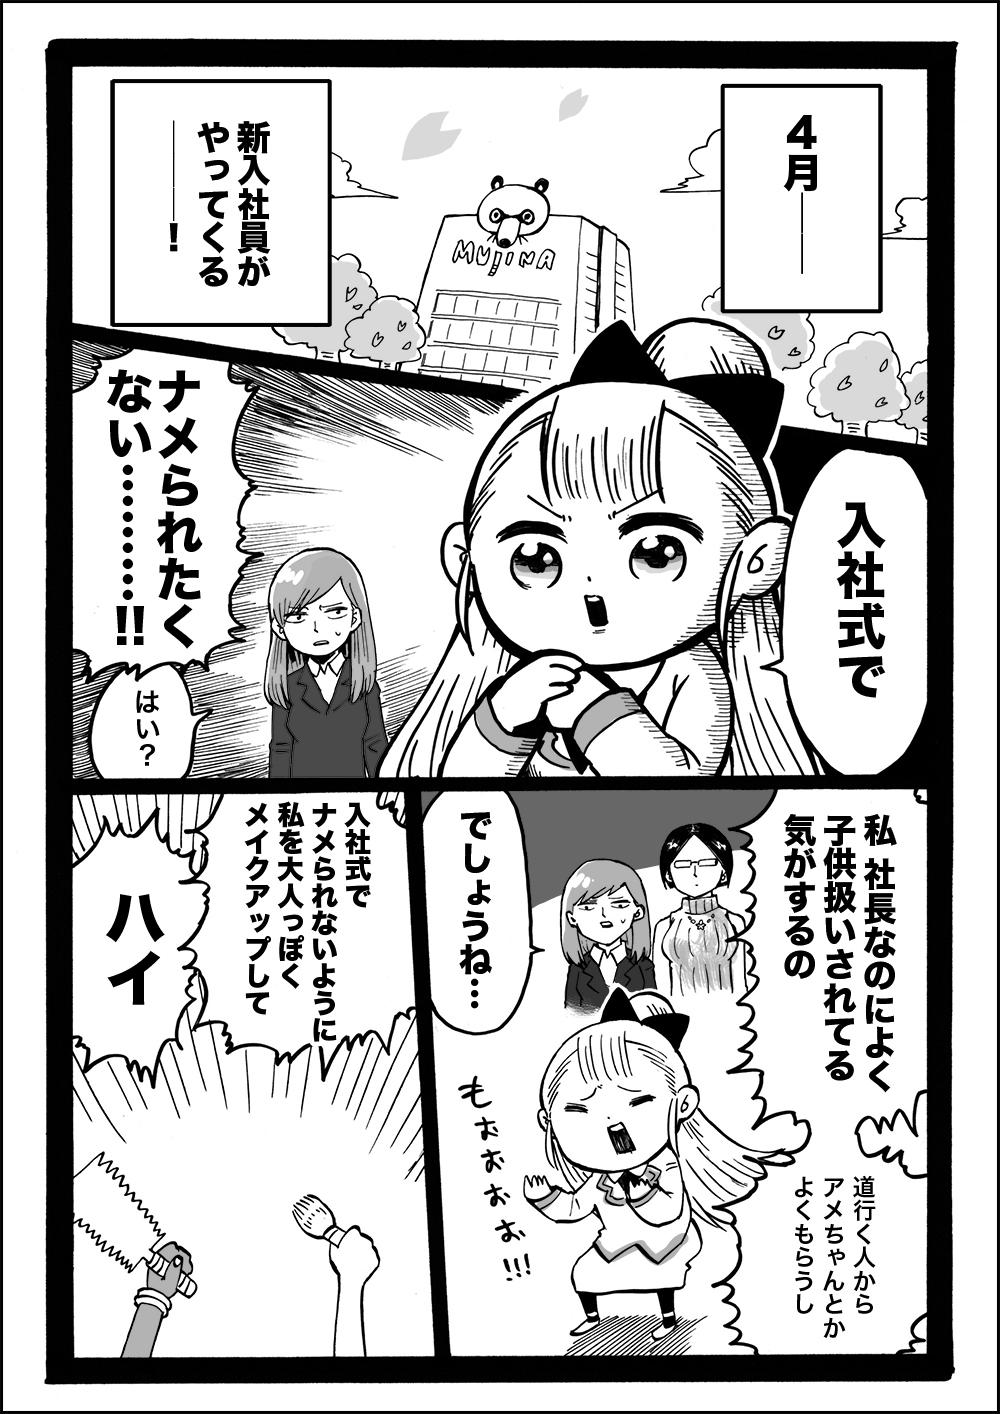 幼女社長(にゅうしゃしき(単行本収録))